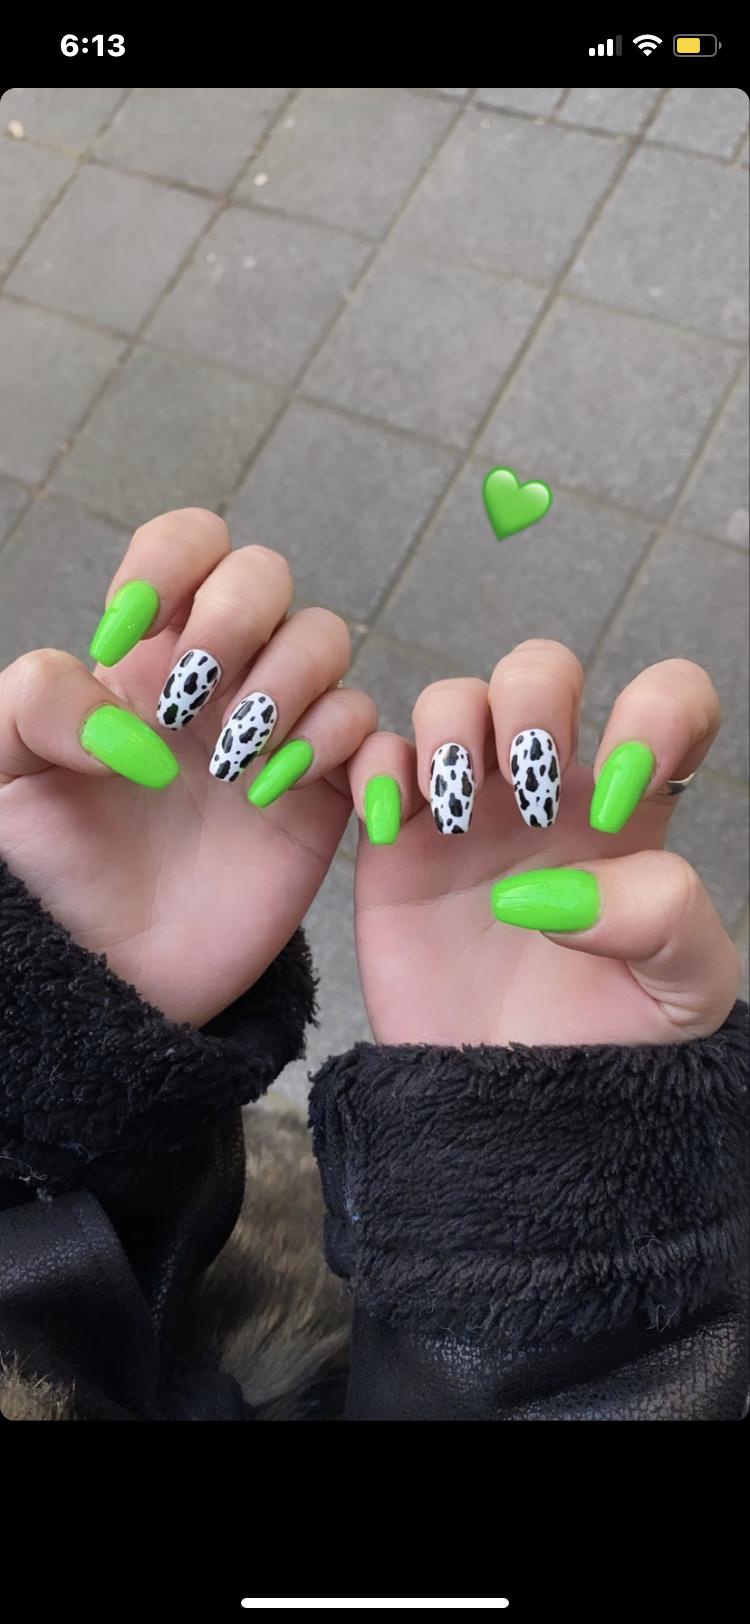 Neon Cow Nails En 2020 Unas Postizas De Gel Hacer Unas De Gel Manicura De Unas